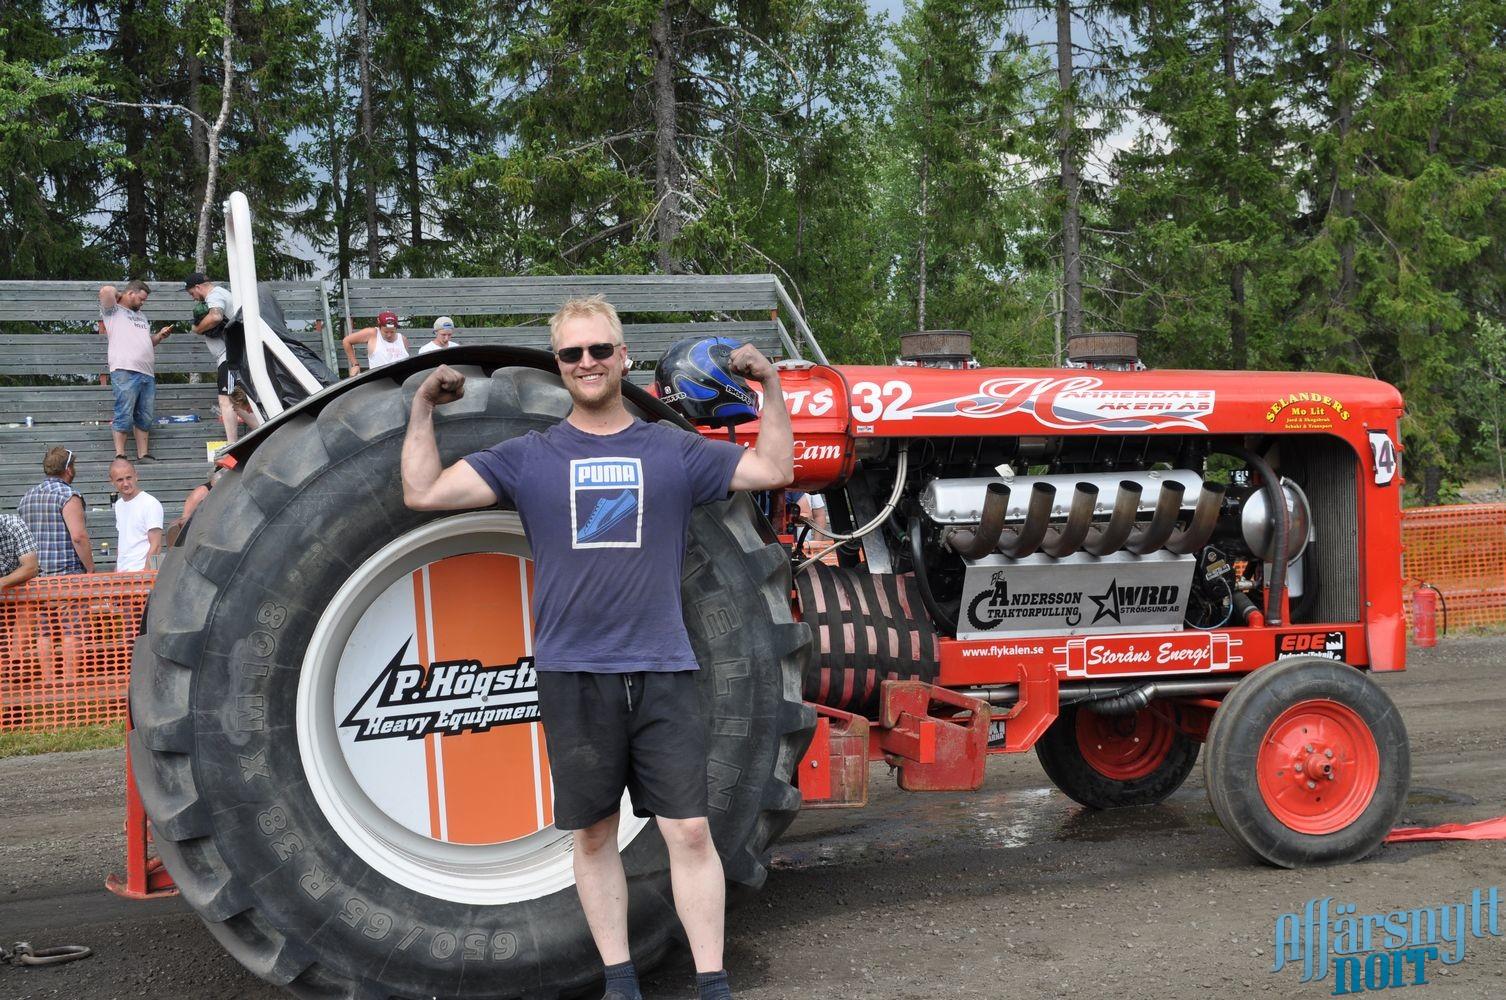 Olle Andersson från Hammerdal vann årets tävling i traktorpulling. Arkivbild. Cathrine Blixth.